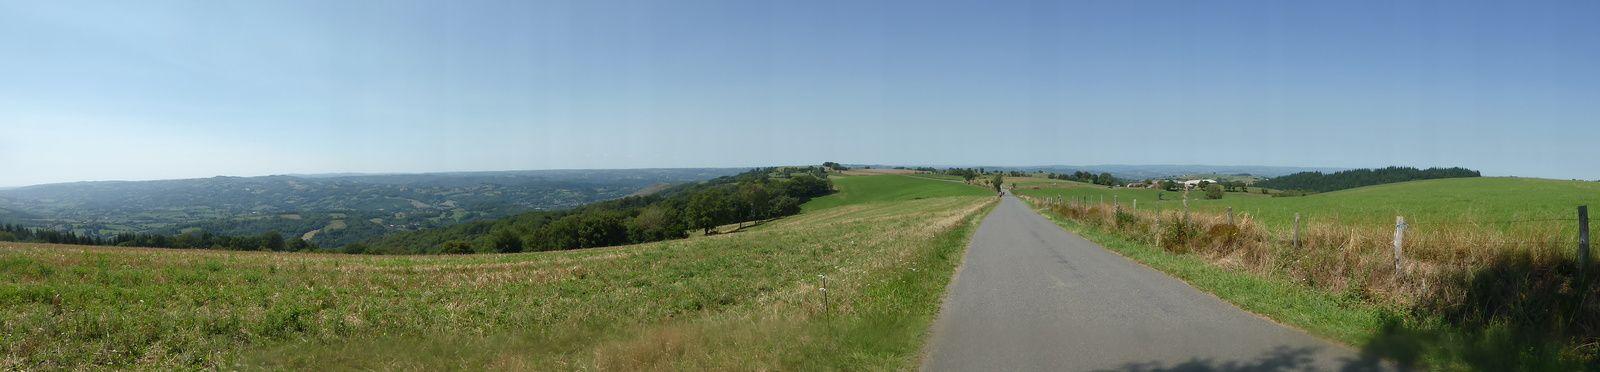 Vue panoramique vers l'ouest et la ville de Decazeville.